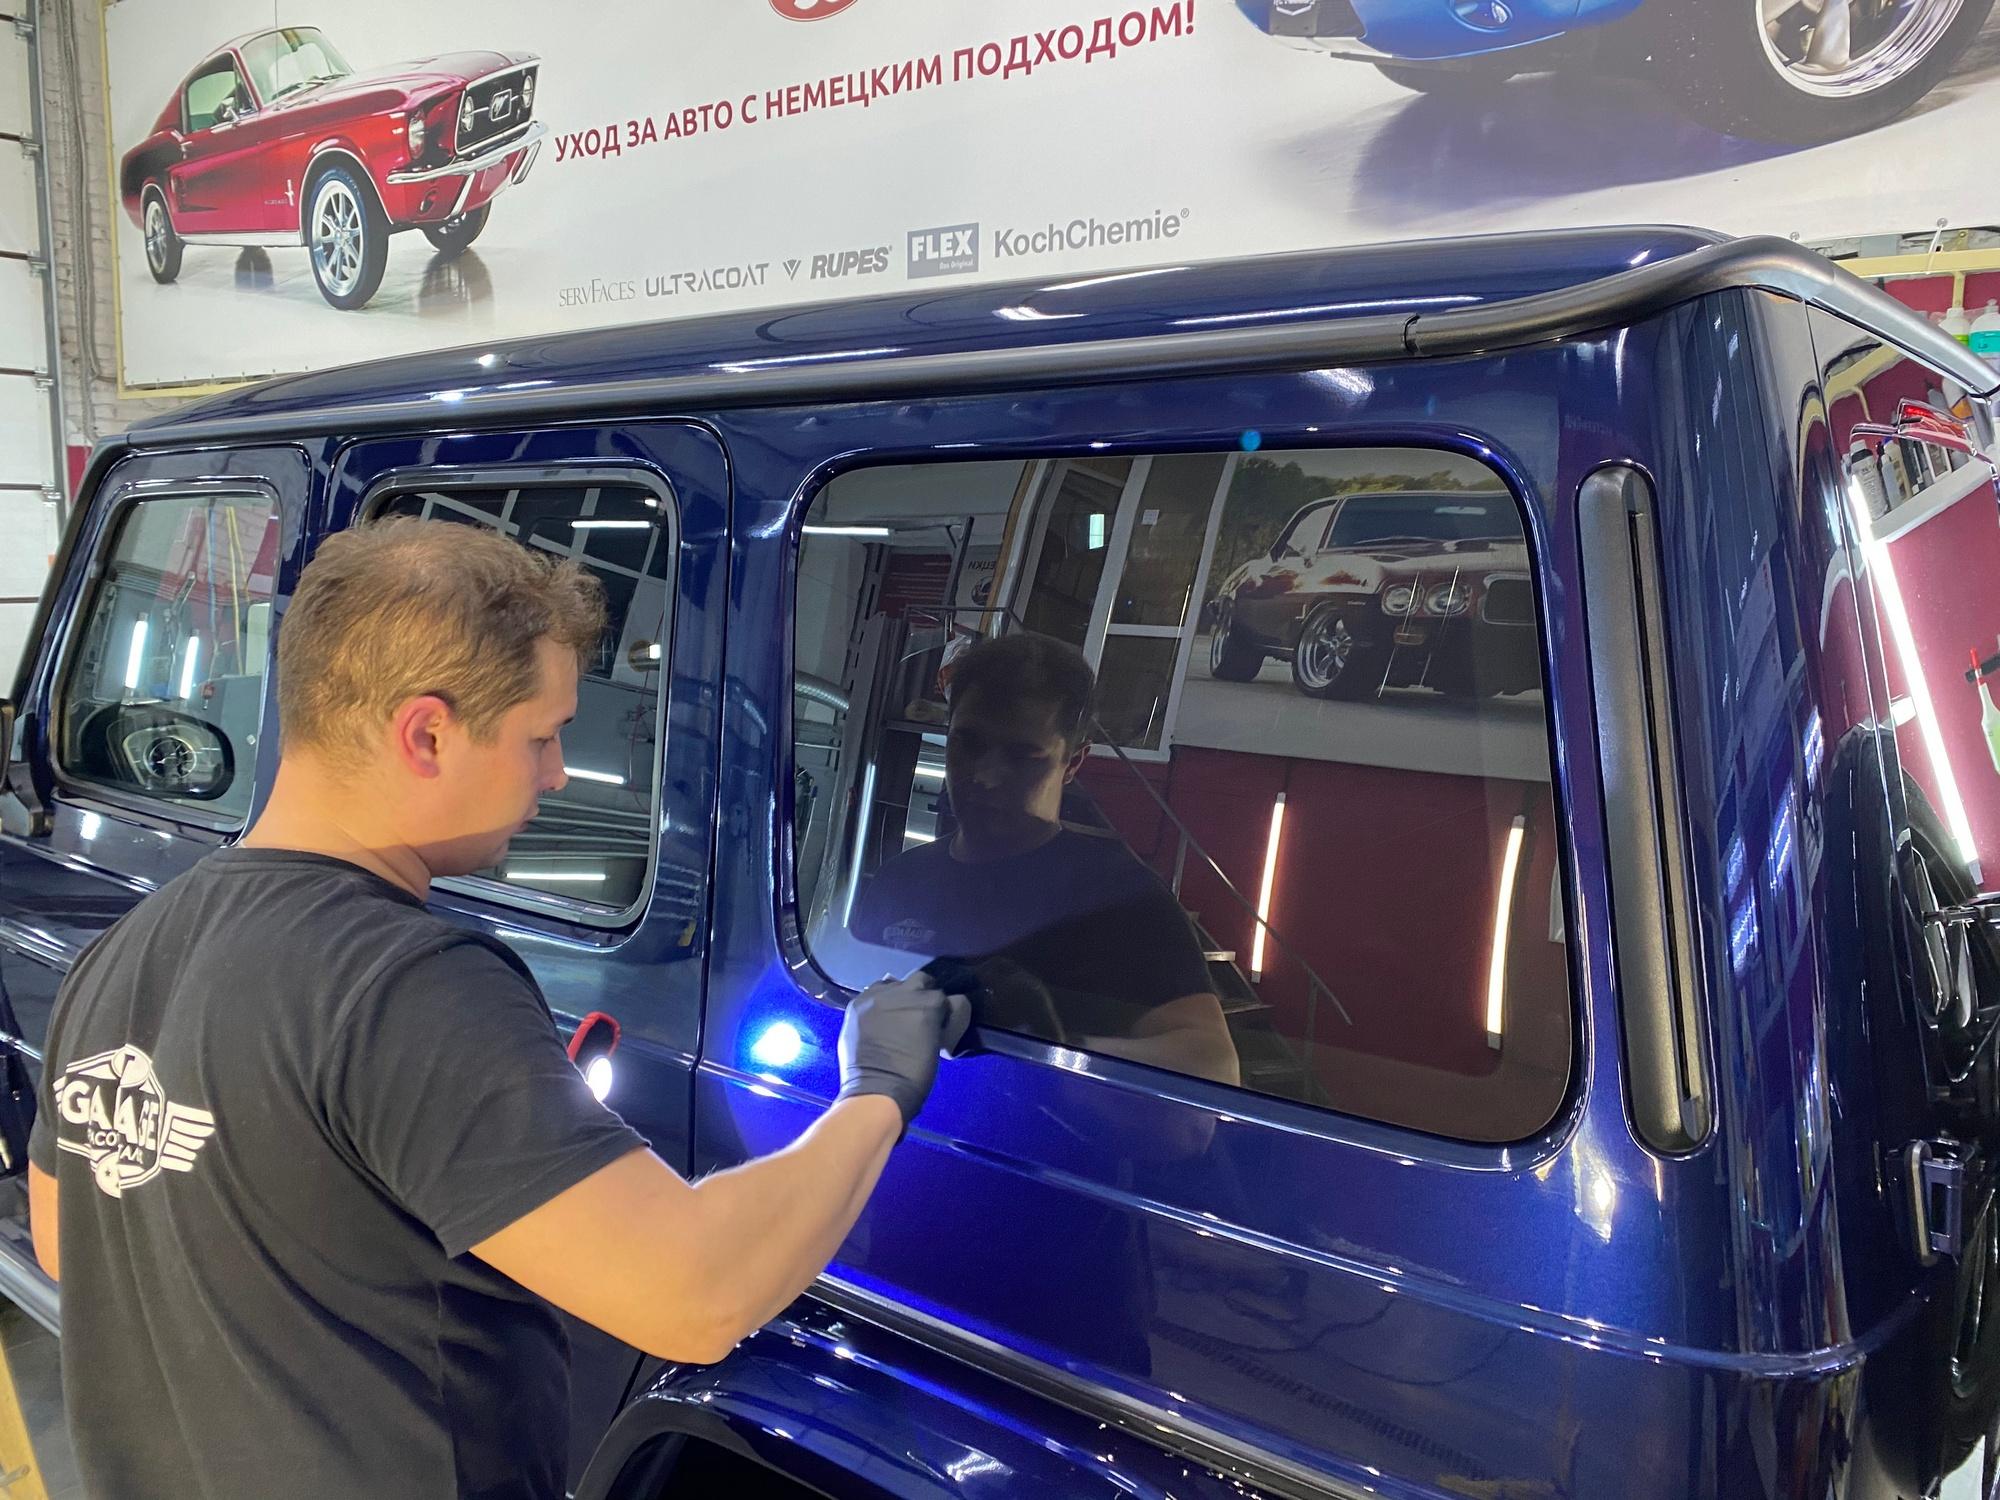 Смотреть на фото процесс обработки автомобиля Мерседес.